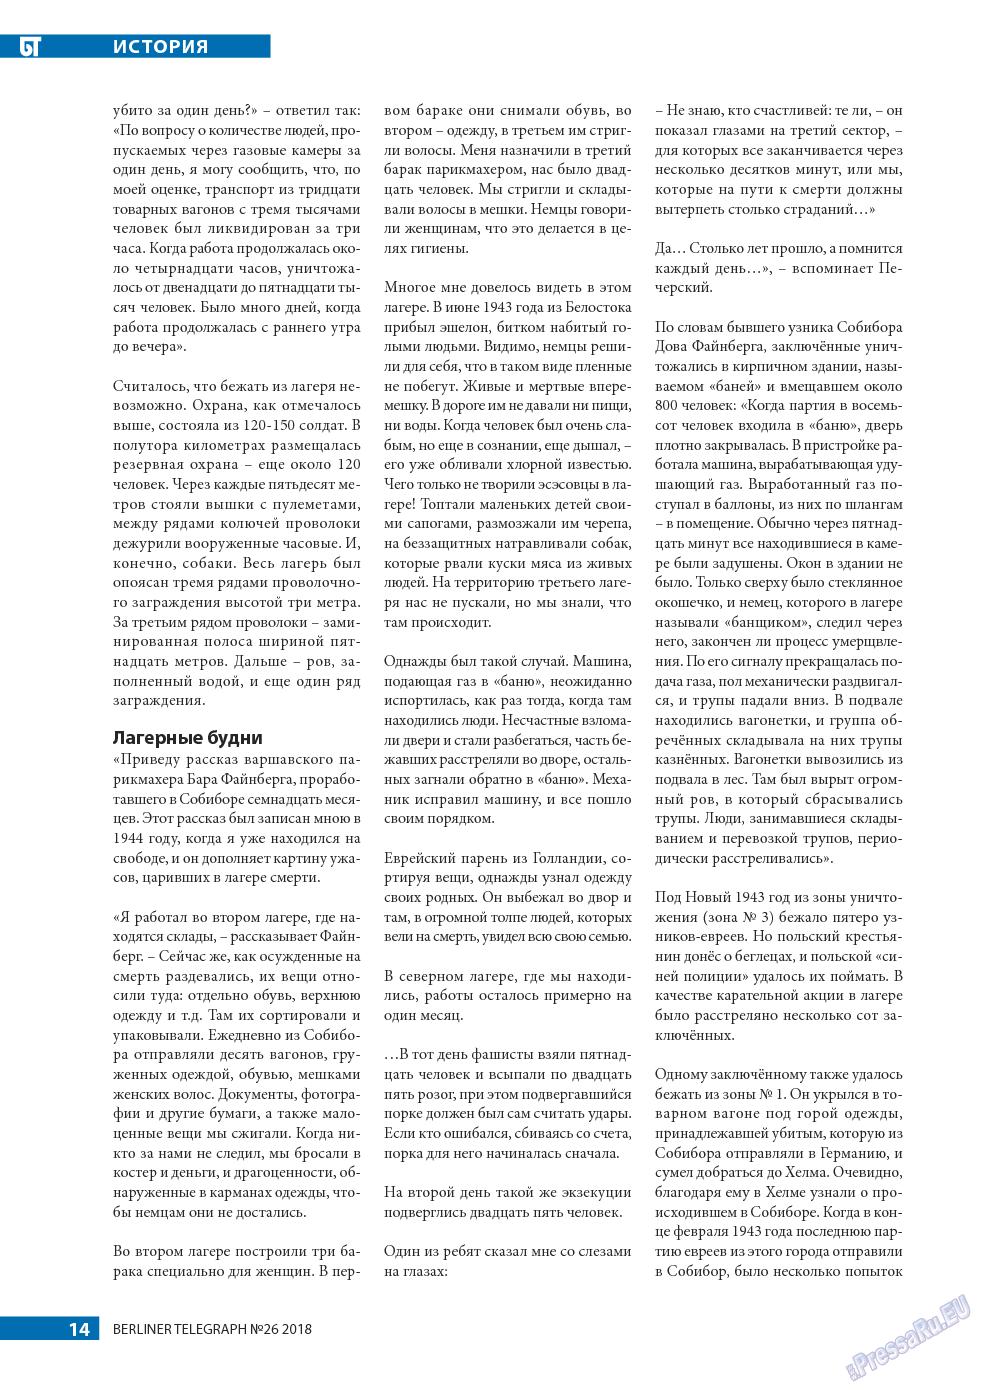 Берлинский телеграф (журнал). 2018 год, номер 26, стр. 14